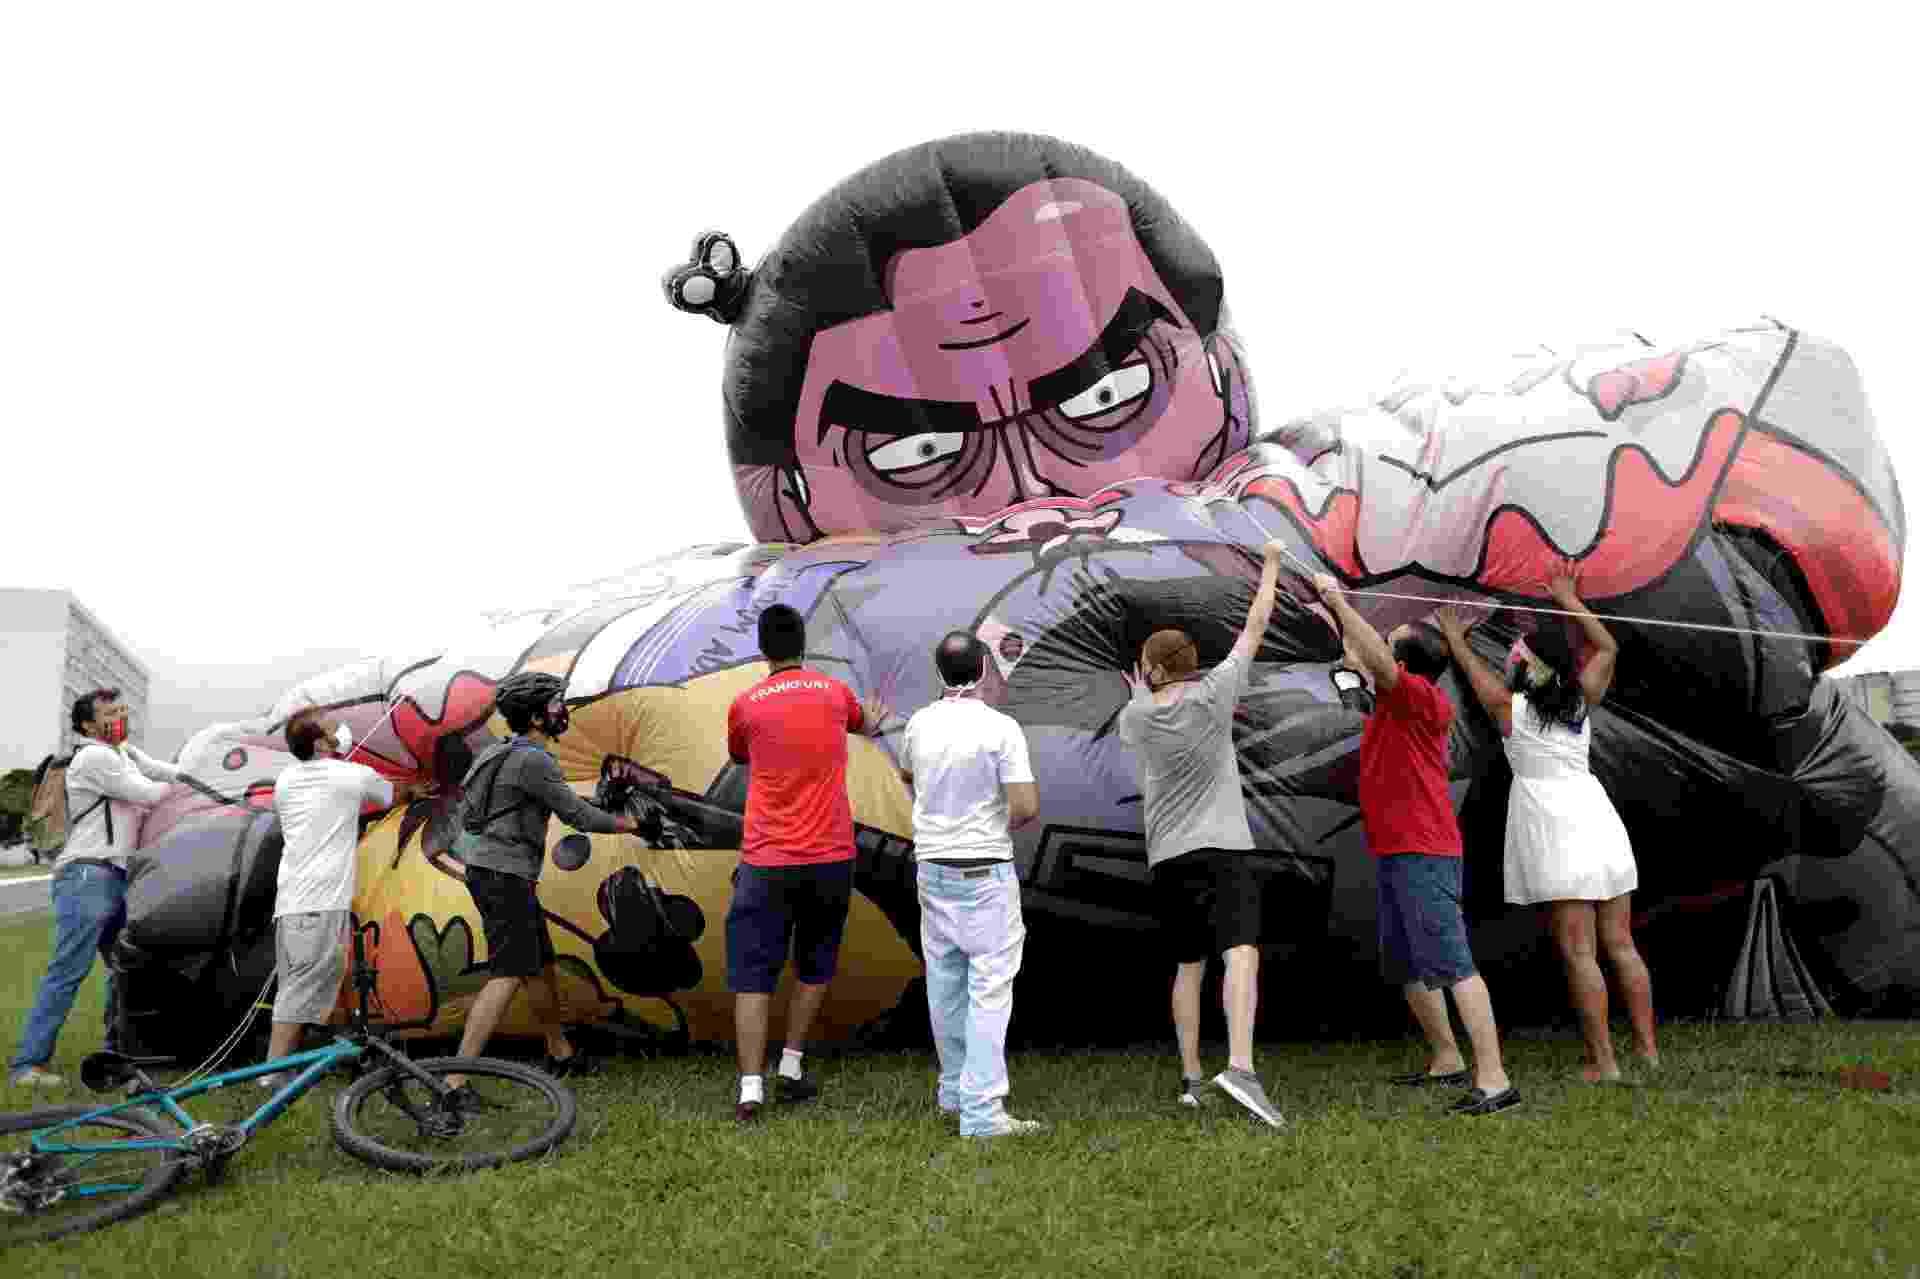 21.fev.2021 - Manifestantes enchem boneco inflável o presidente Jair Bolsonaro em protesto contra o governo em Brasília - REUTERS/Ueslei Marcelino